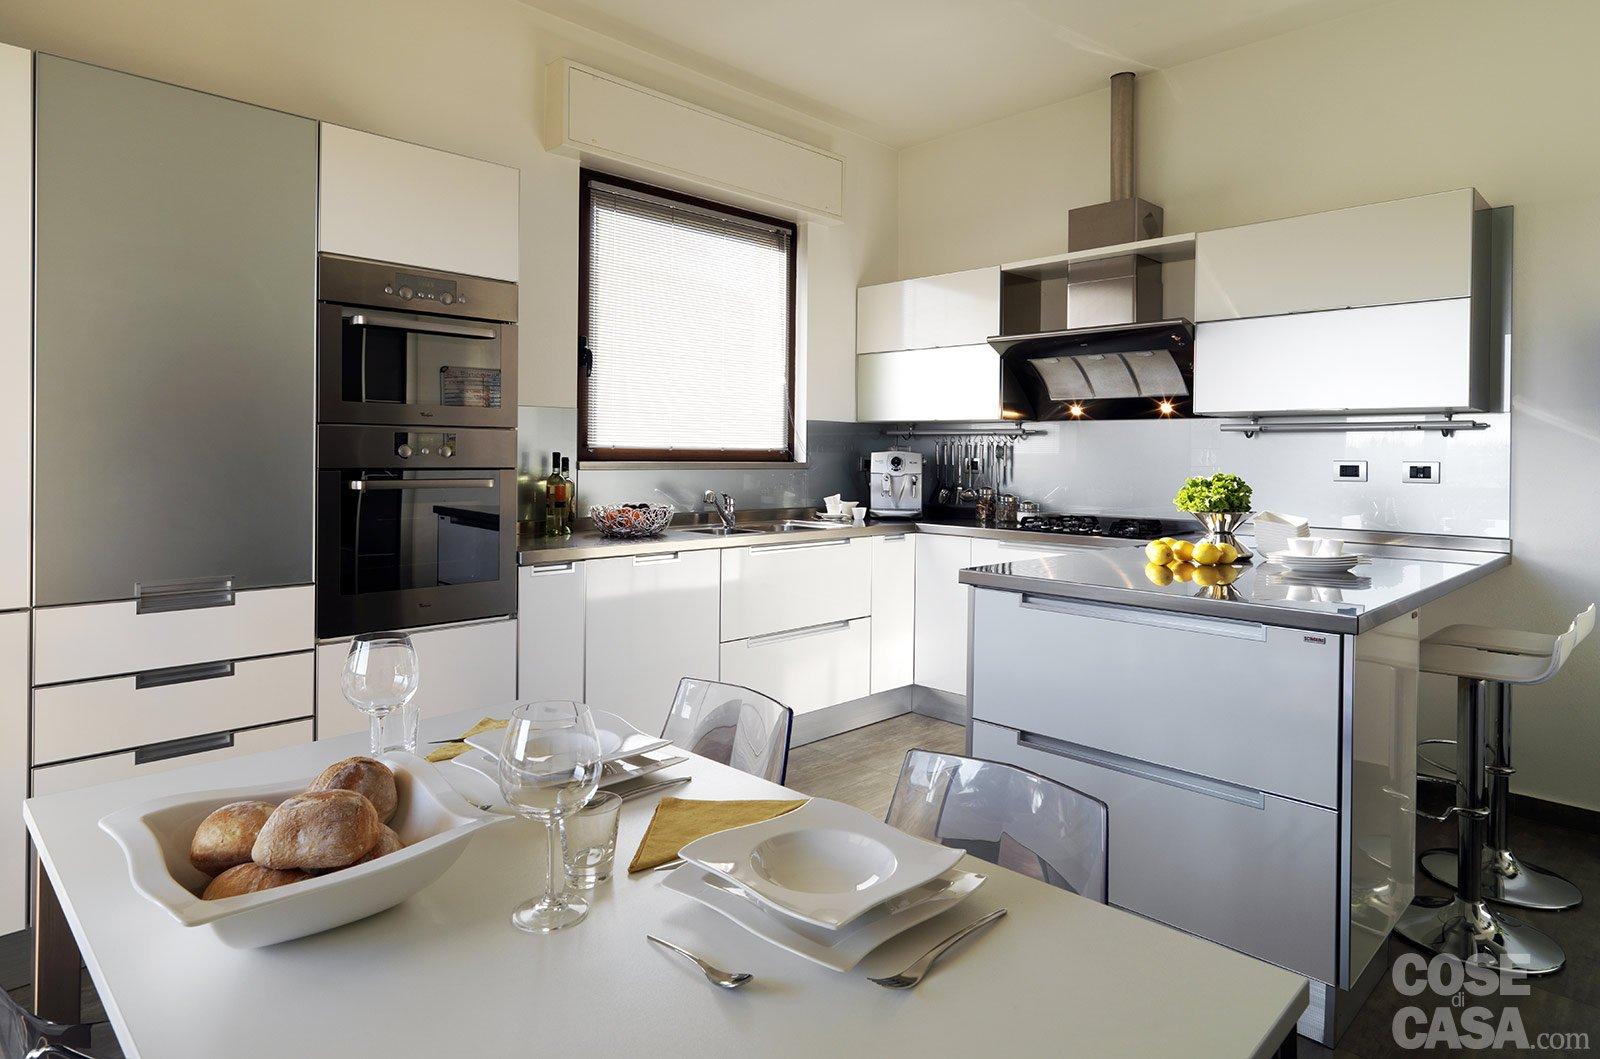 Casa immobiliare accessori piastre per cucina for Accessori per cucina moderna